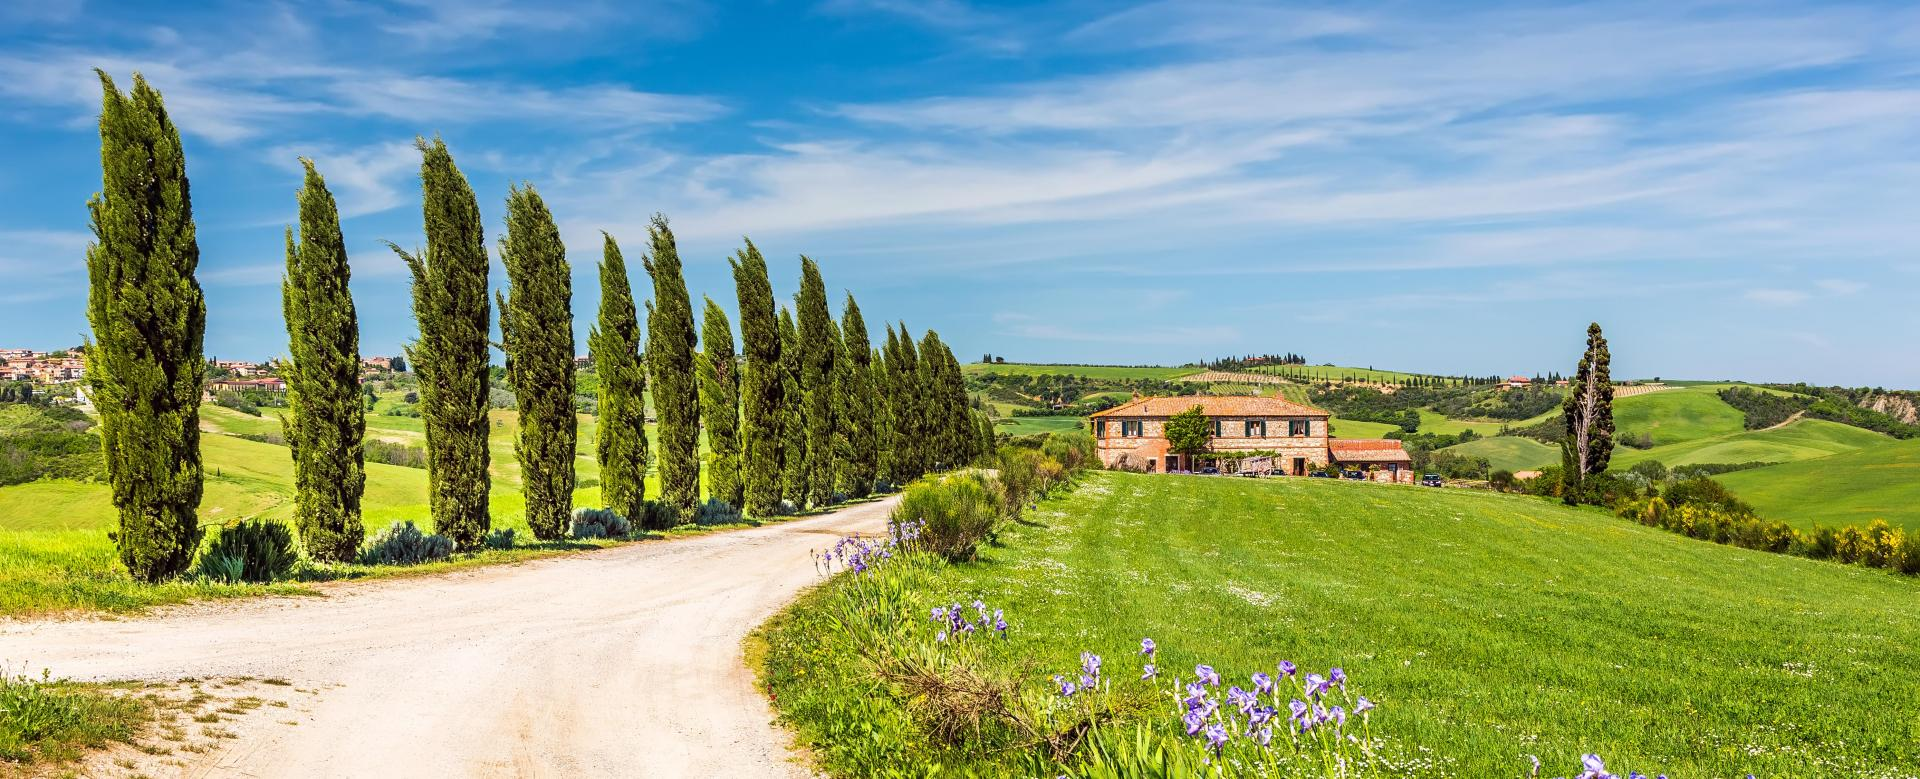 Voyage en véhicule Italie : Toscane, terre d'histoire à vélo